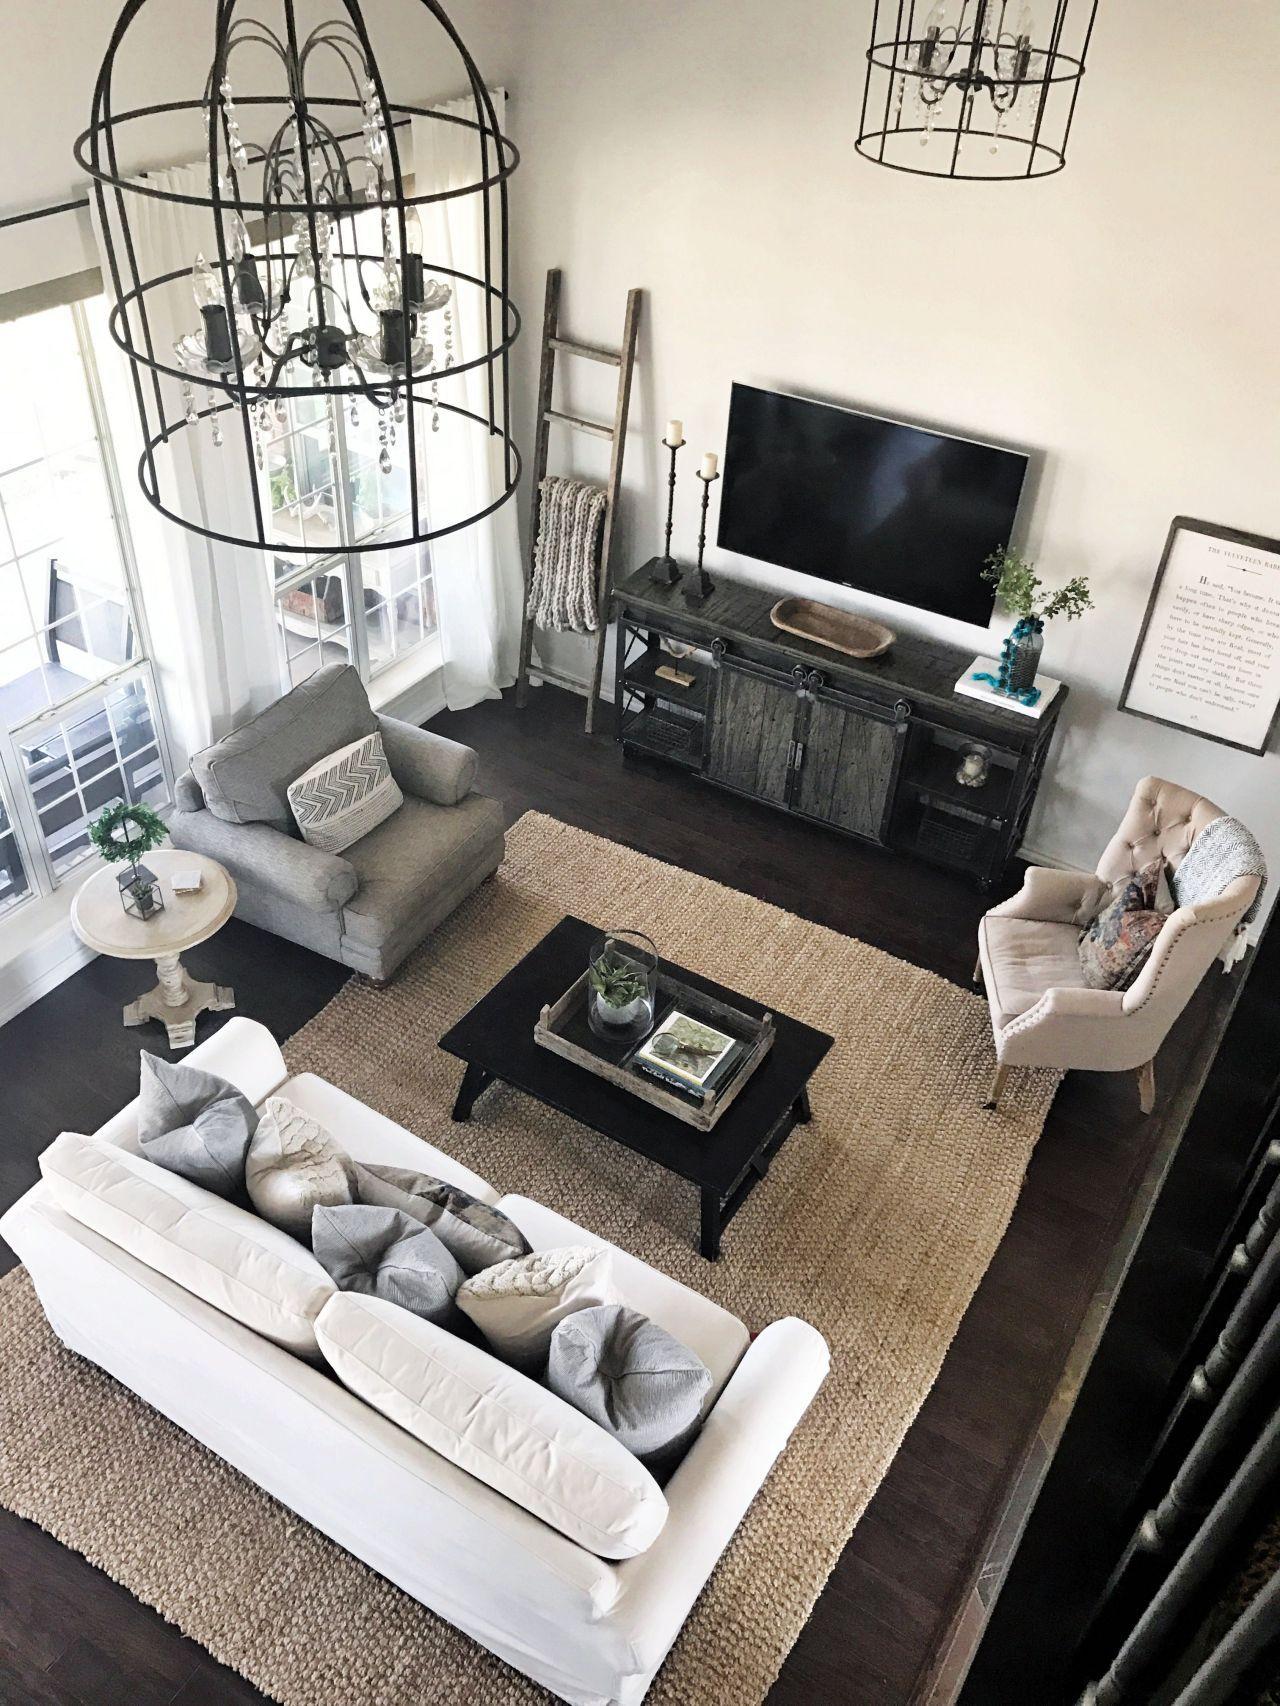 37 Mean Home Decor Ideas Family 07 Home Decor Farm House Living Room Industrial Farmhouse Living Room Industrial Livingroom In living room meaning